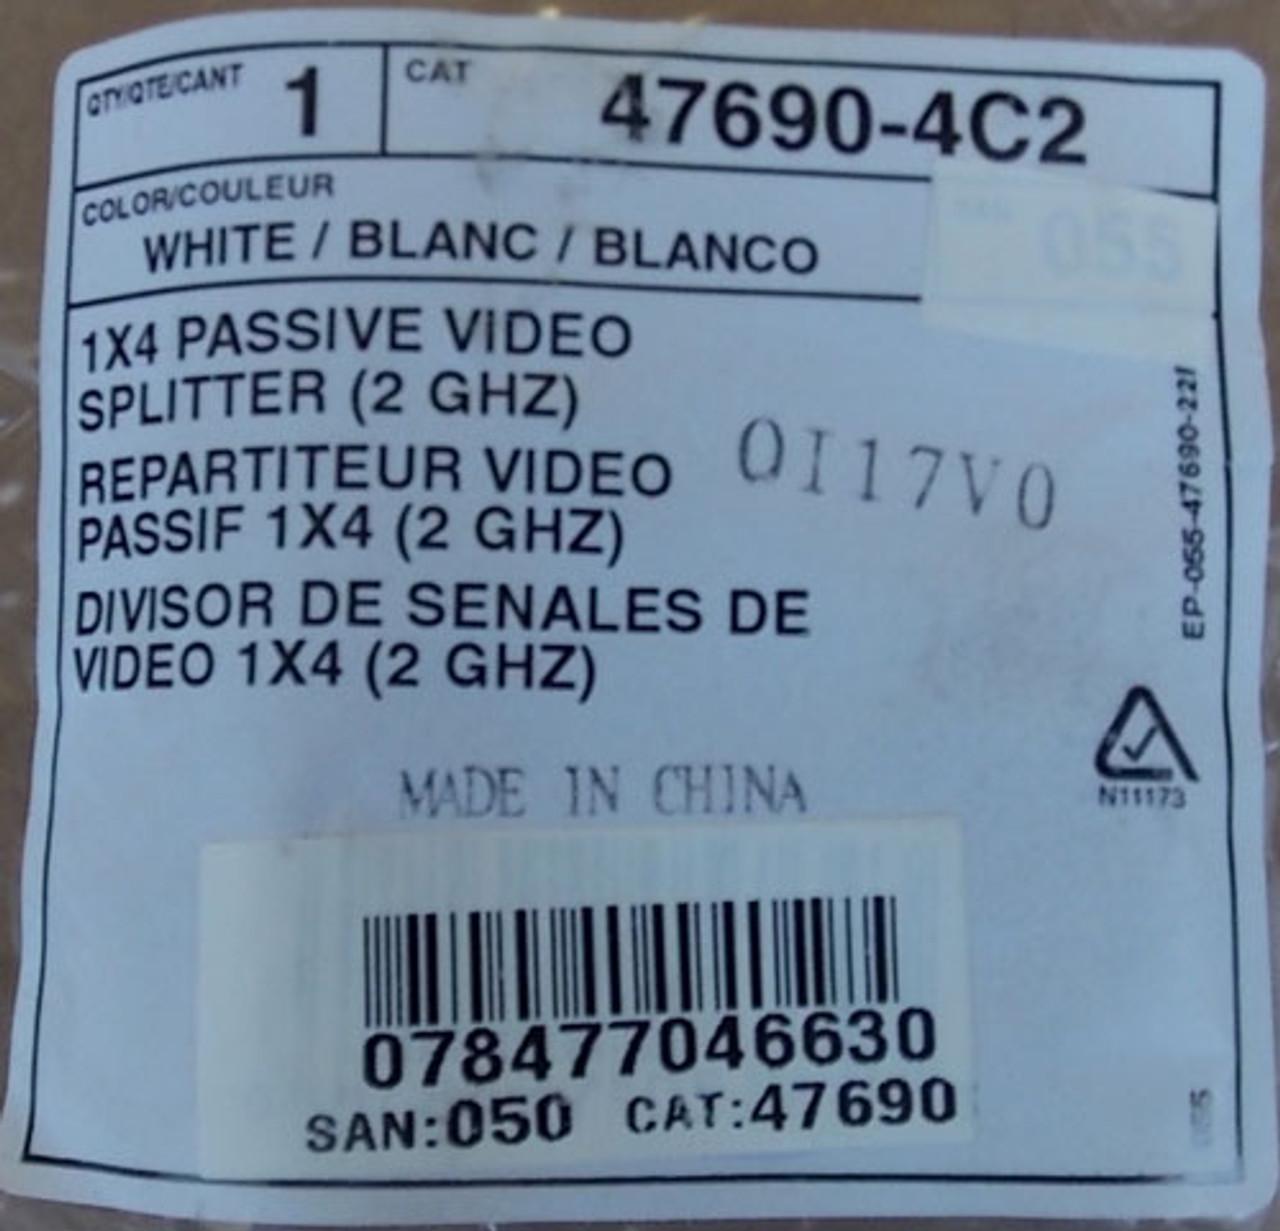 Leviton 47690-4C2 1X4 Passive Video Splitter 2GHZ 75 Ohm in White